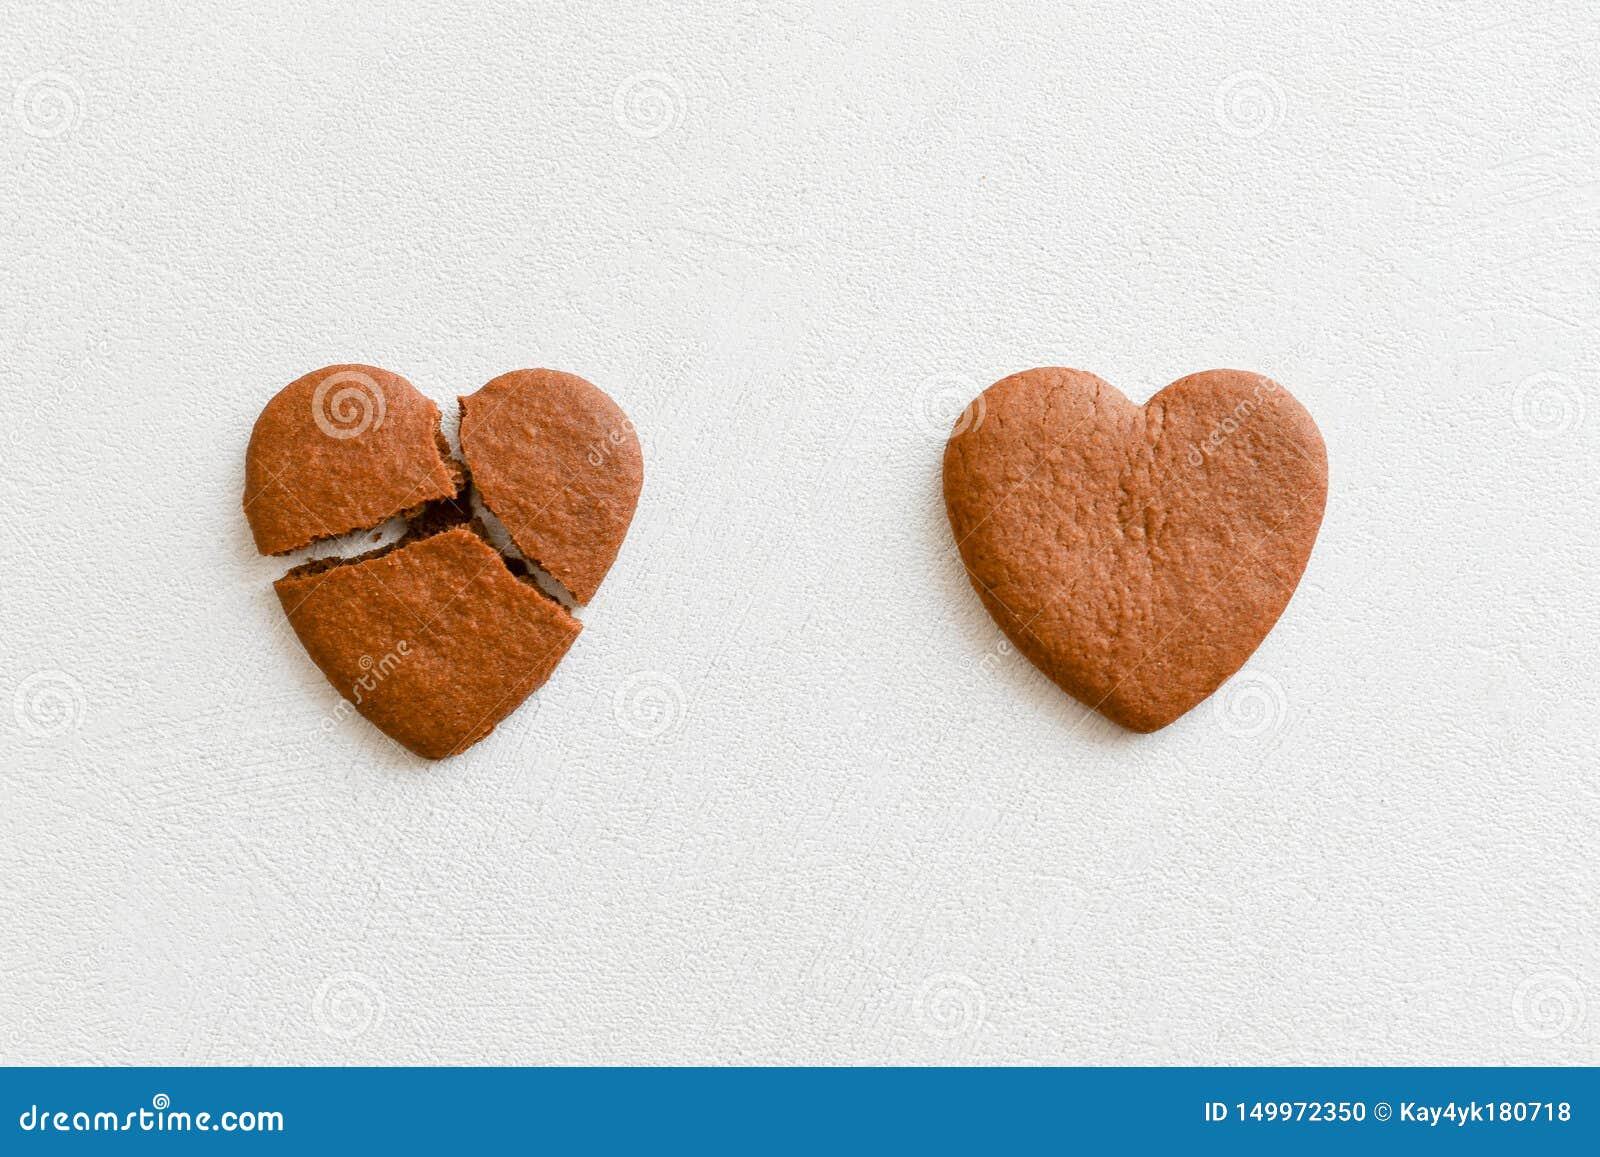 O coração dois deu forma às cookies, um delas é quebrado em um fundo branco A quebra coração-deu forma a cookies como um conceito